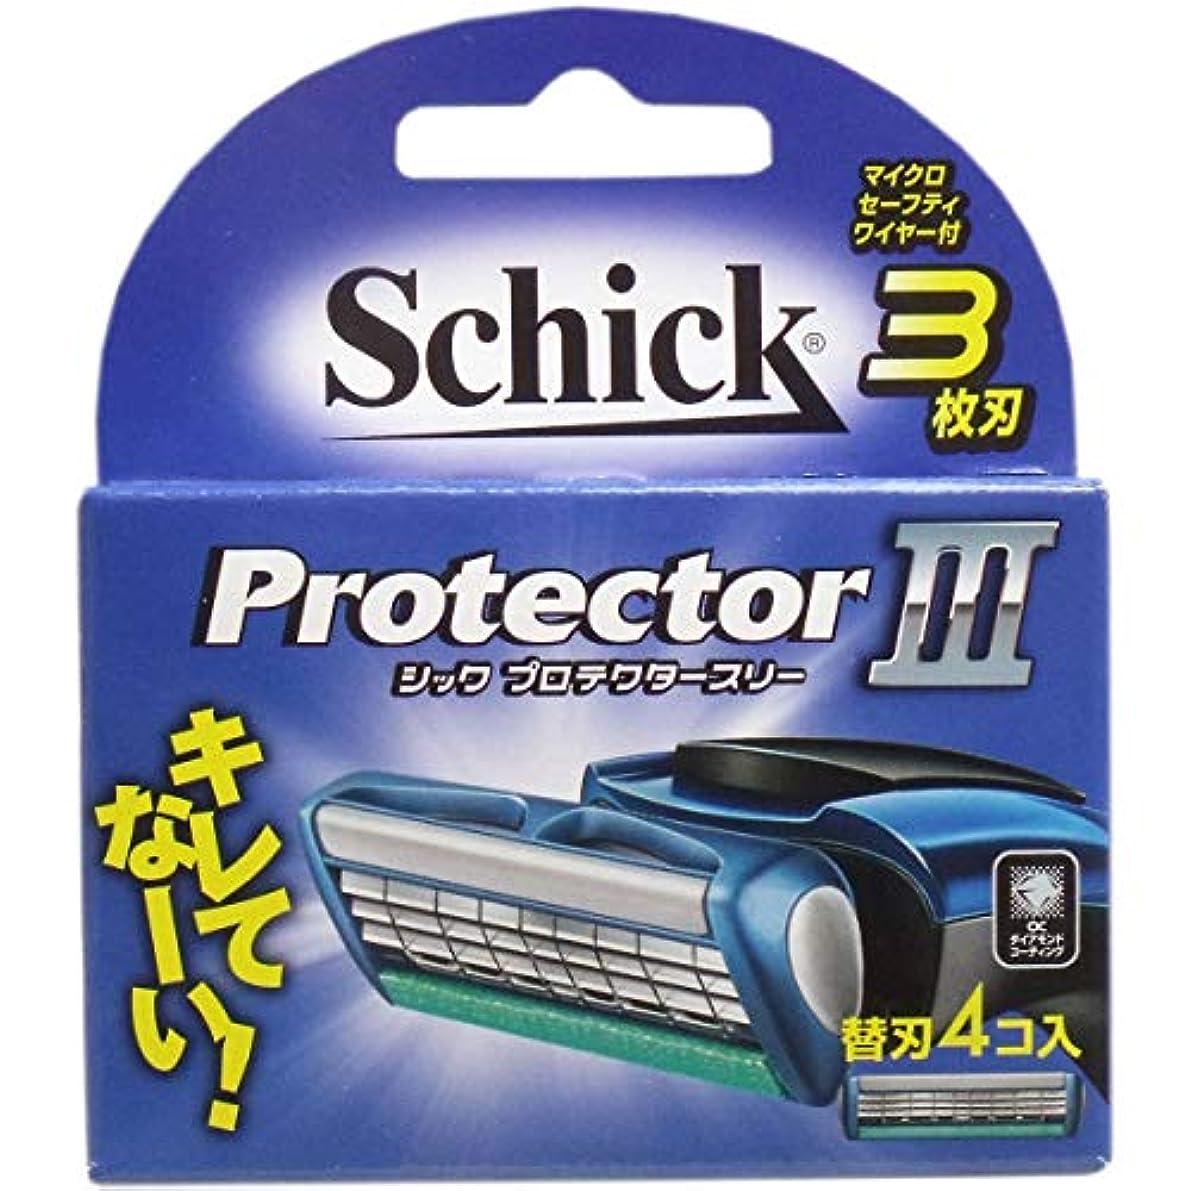 シック プロテクタースリー 替刃 4個入×10個セット